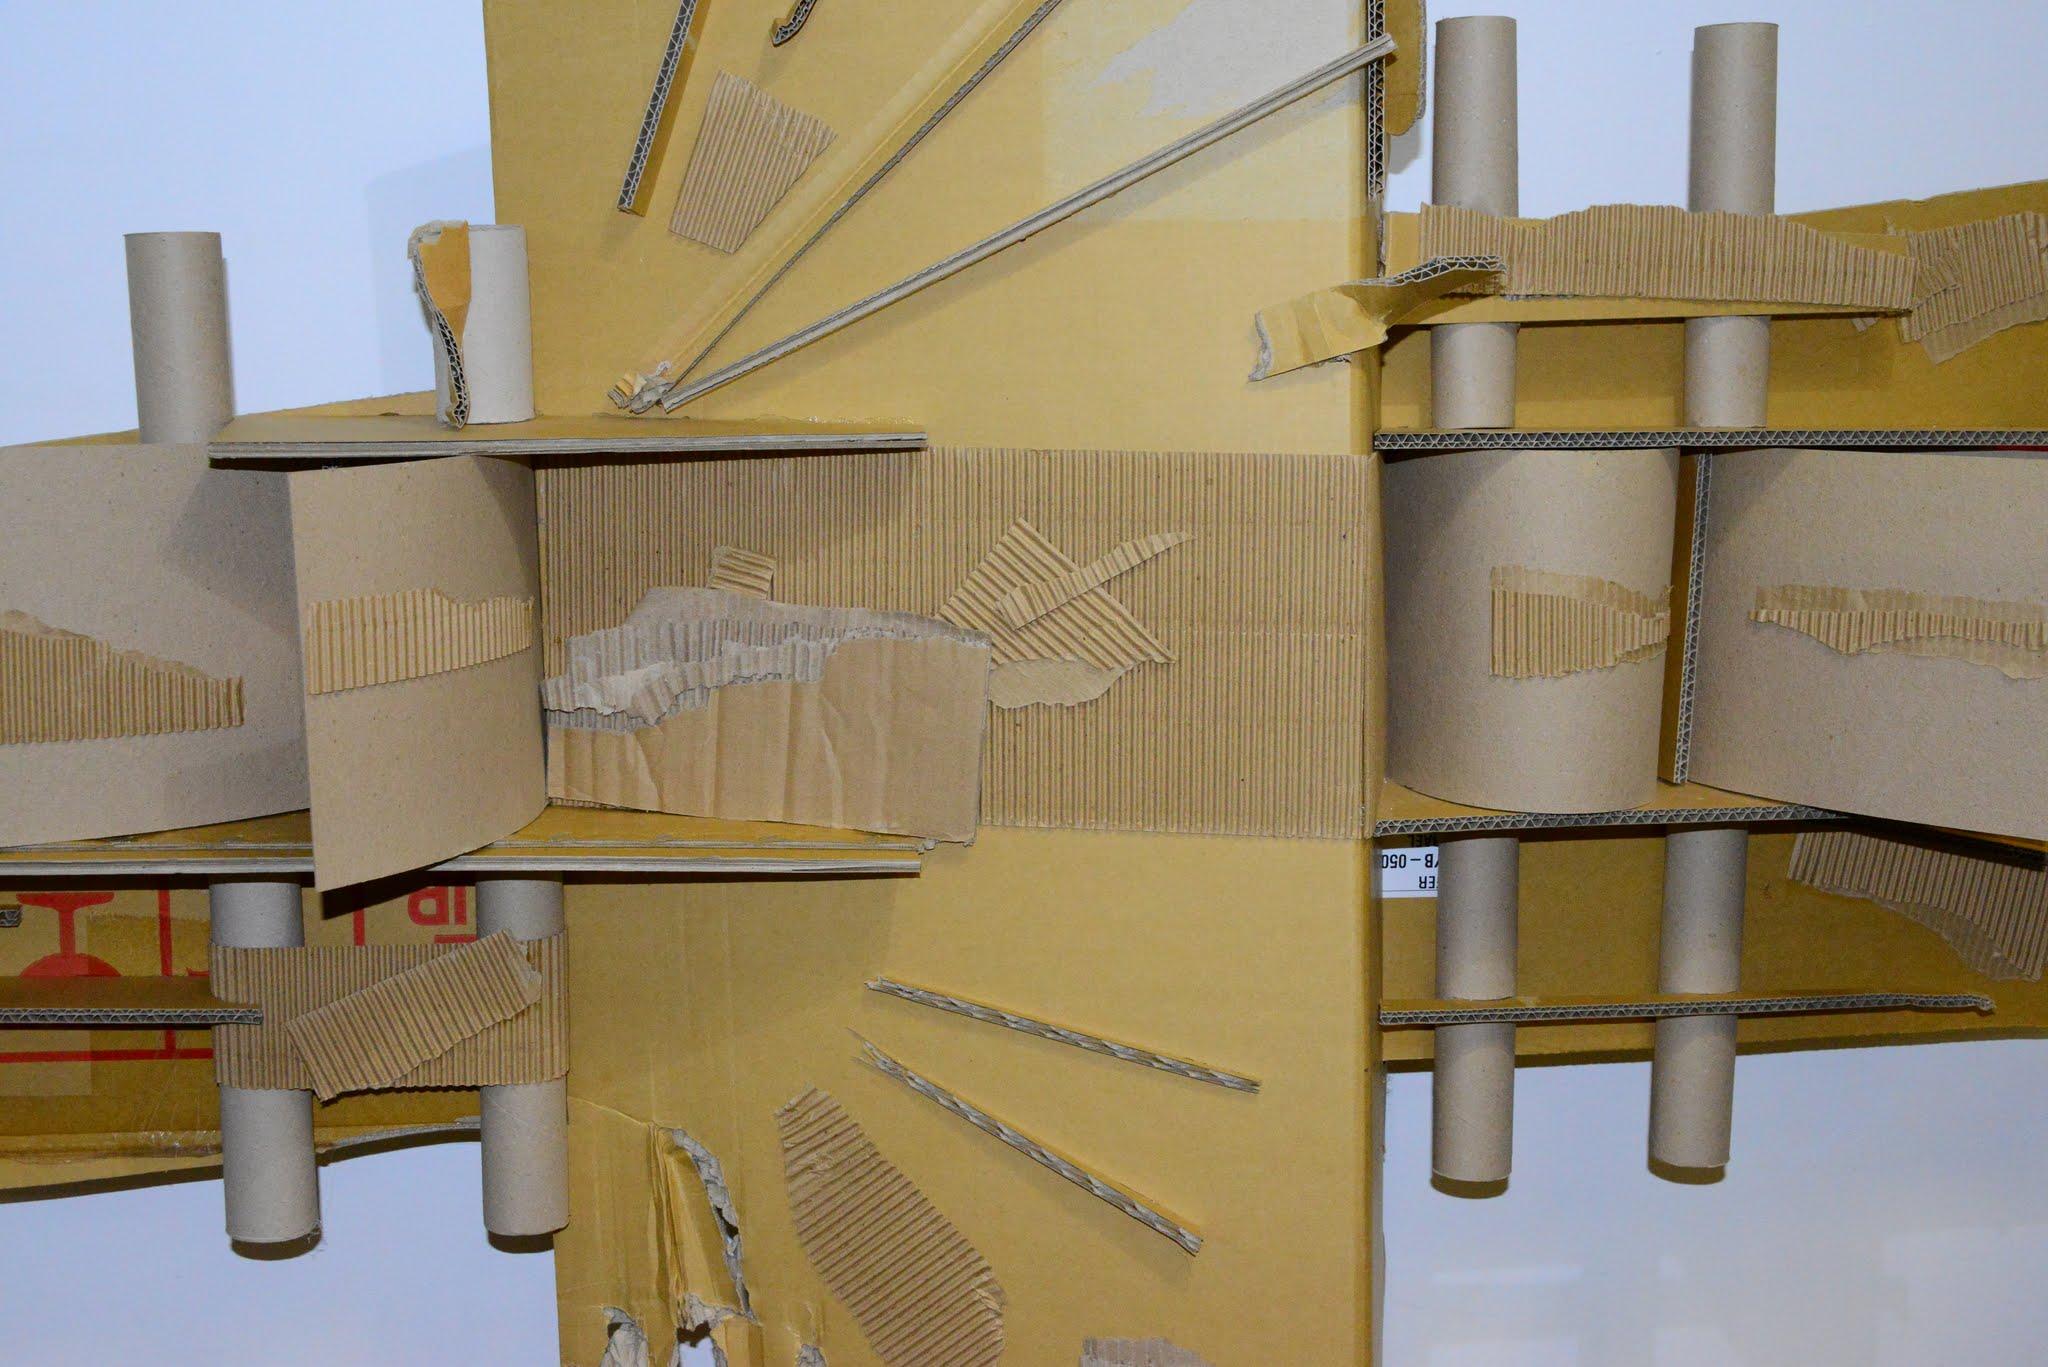 פיסול של אמן אורי גל ממגזרות קרטון גלי ונייר אריזה